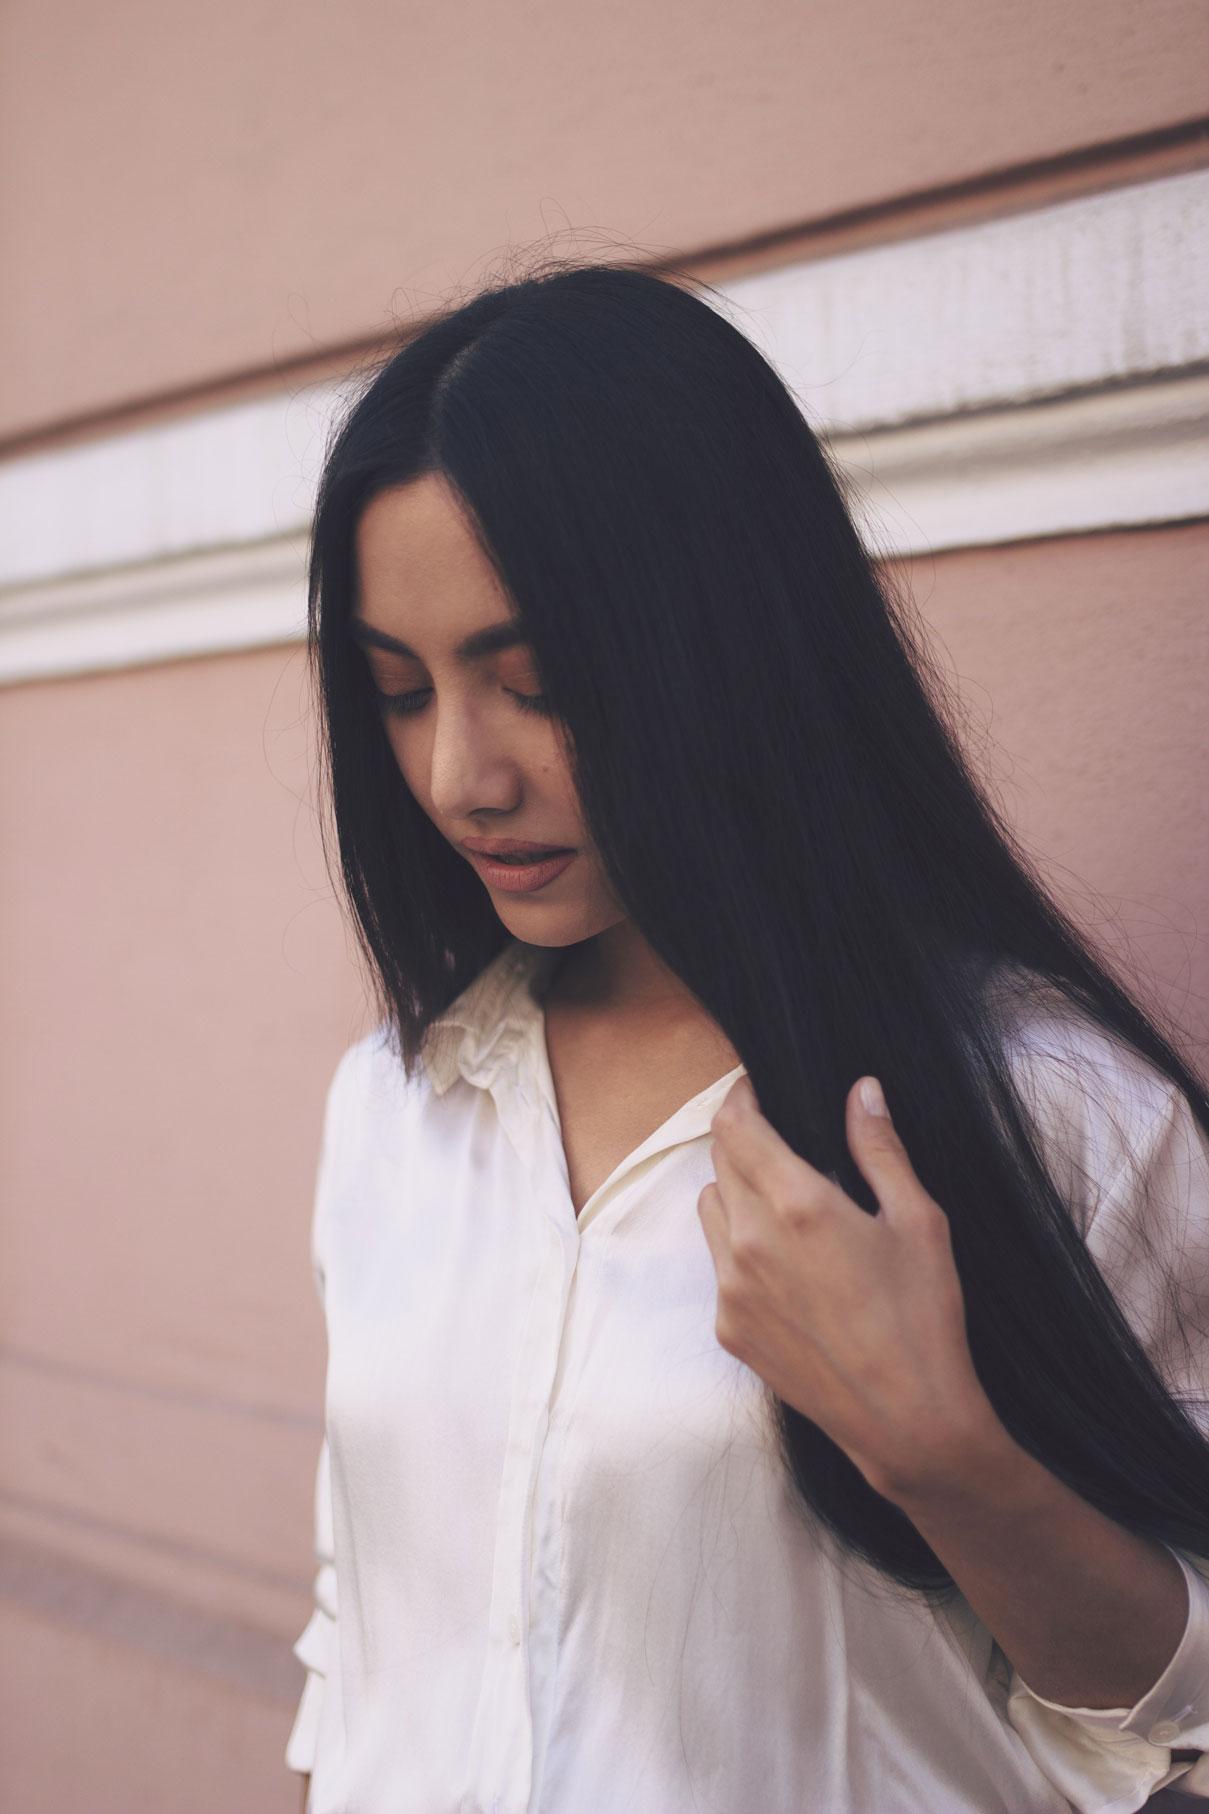 portrait en extérieur d'une femme brune